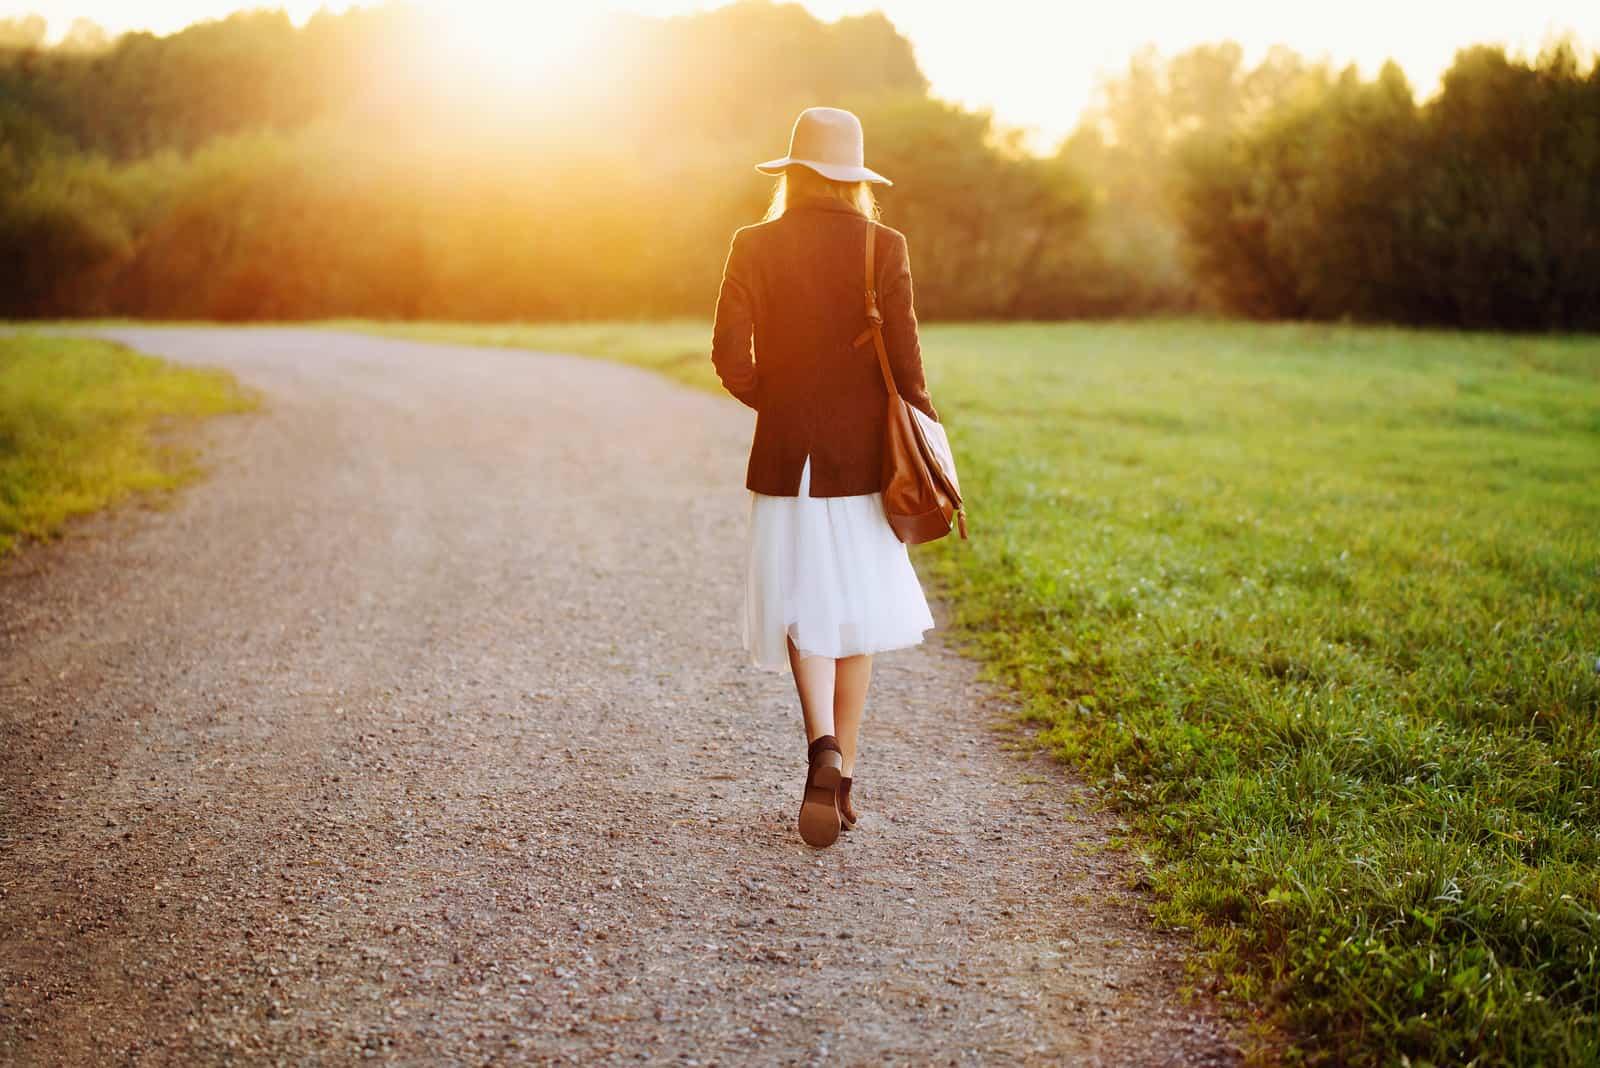 une femme marche dans la rue